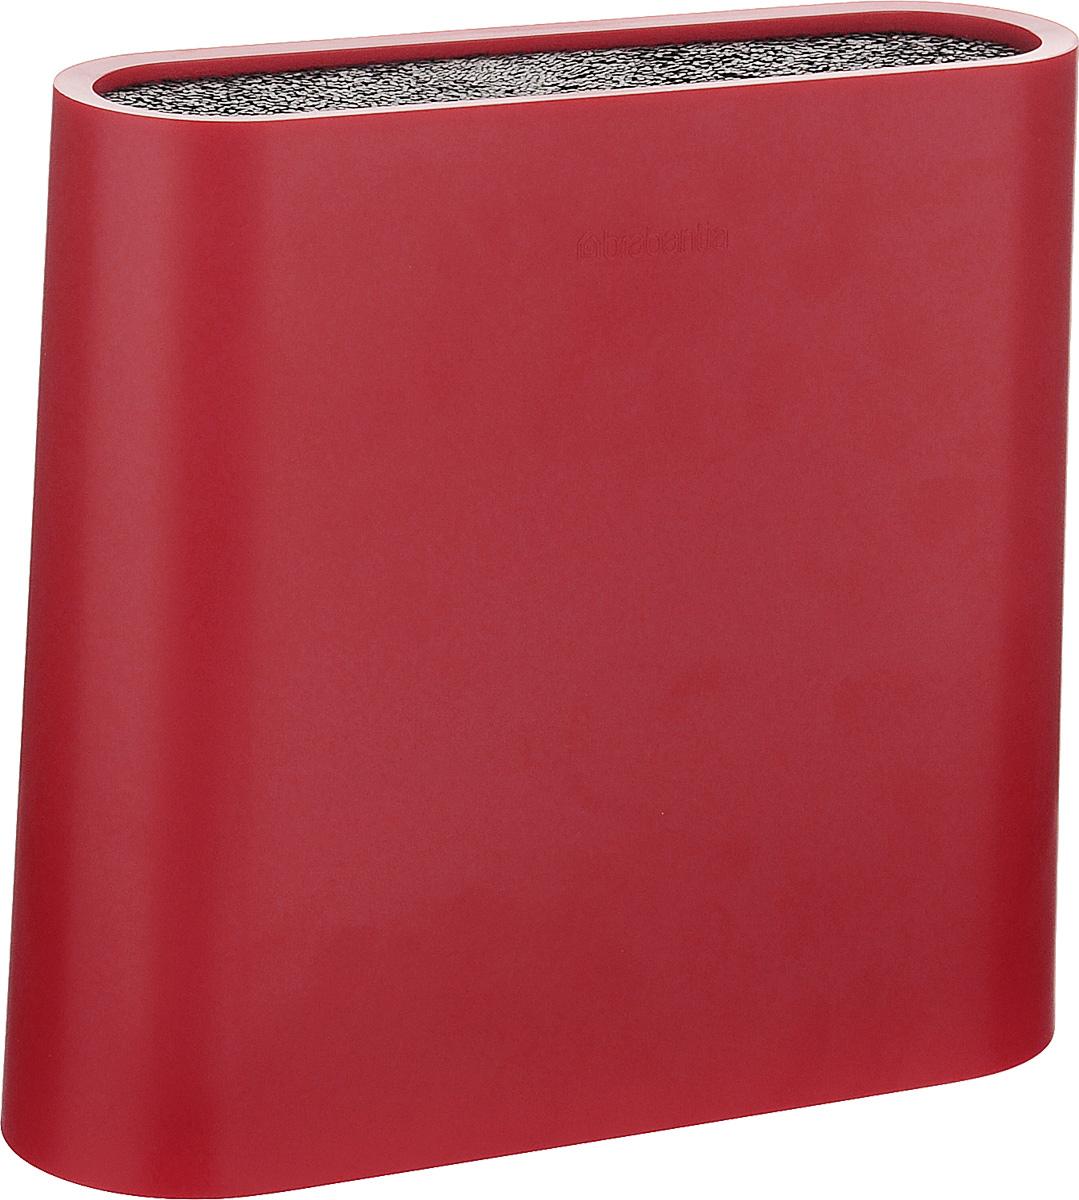 Подставка для ножей Brabantia Tasty Colors, цвет: красный. 108129